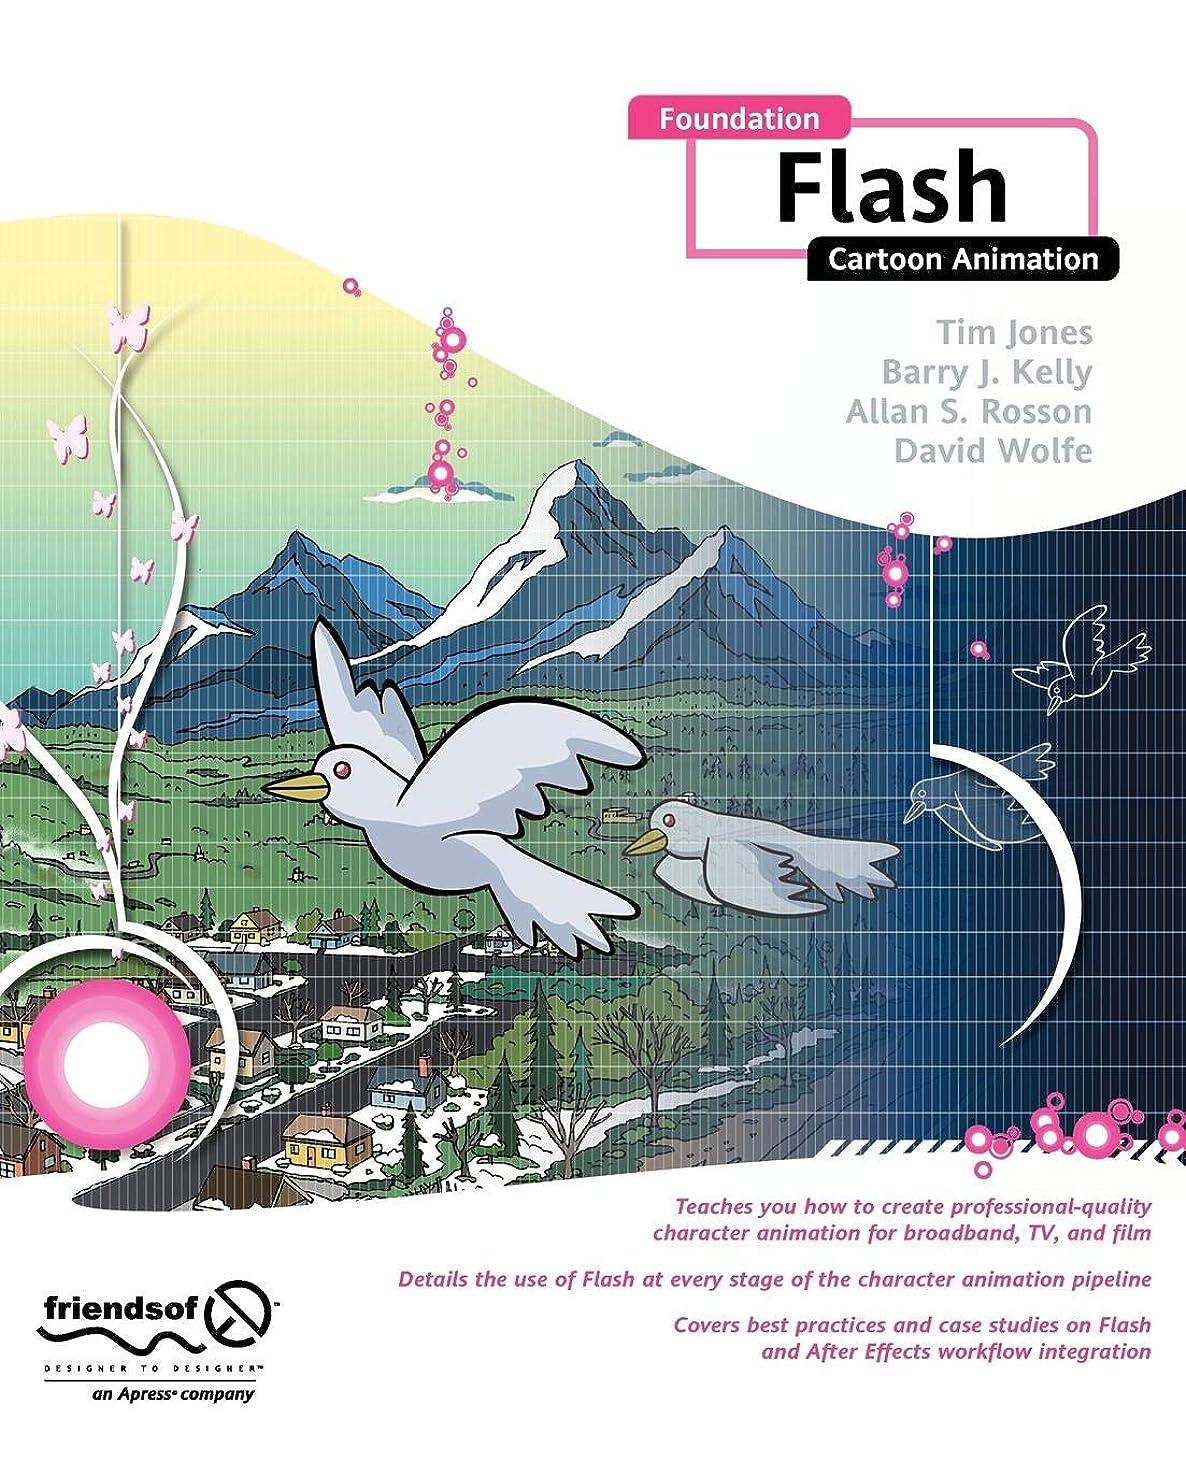 箱悪行軽減するFoundation Flash Cartoon Animation